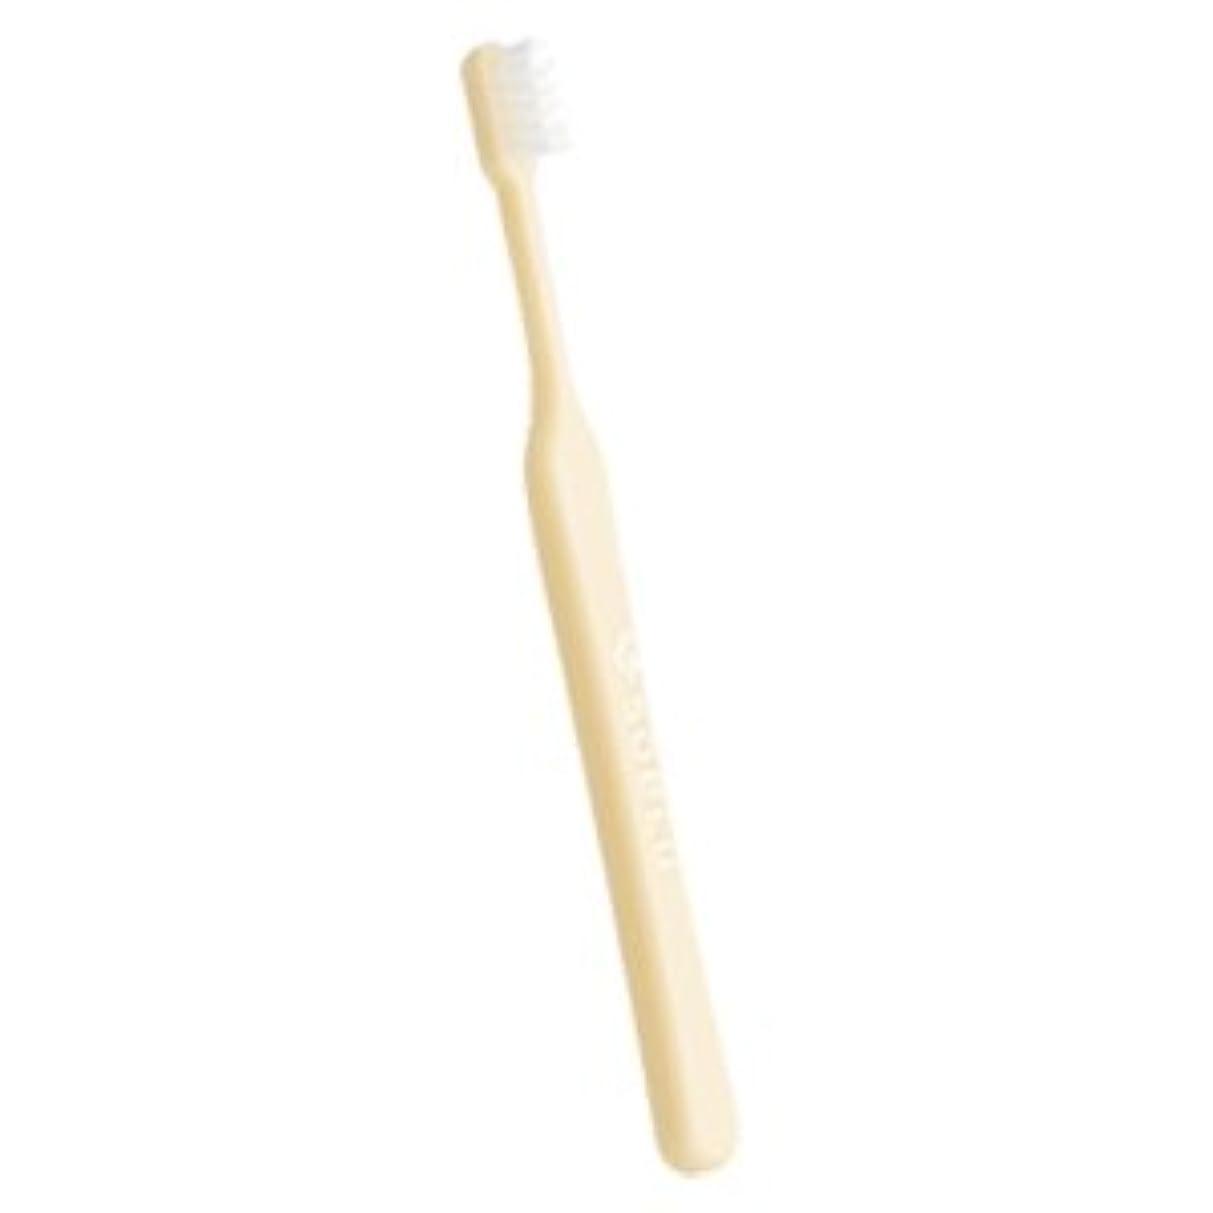 歯やろうインフルエンザsoelu ソエル 歯ブラシ チャイルド(3から7歳) 1本 やわらかめ(S) パステルイエロー